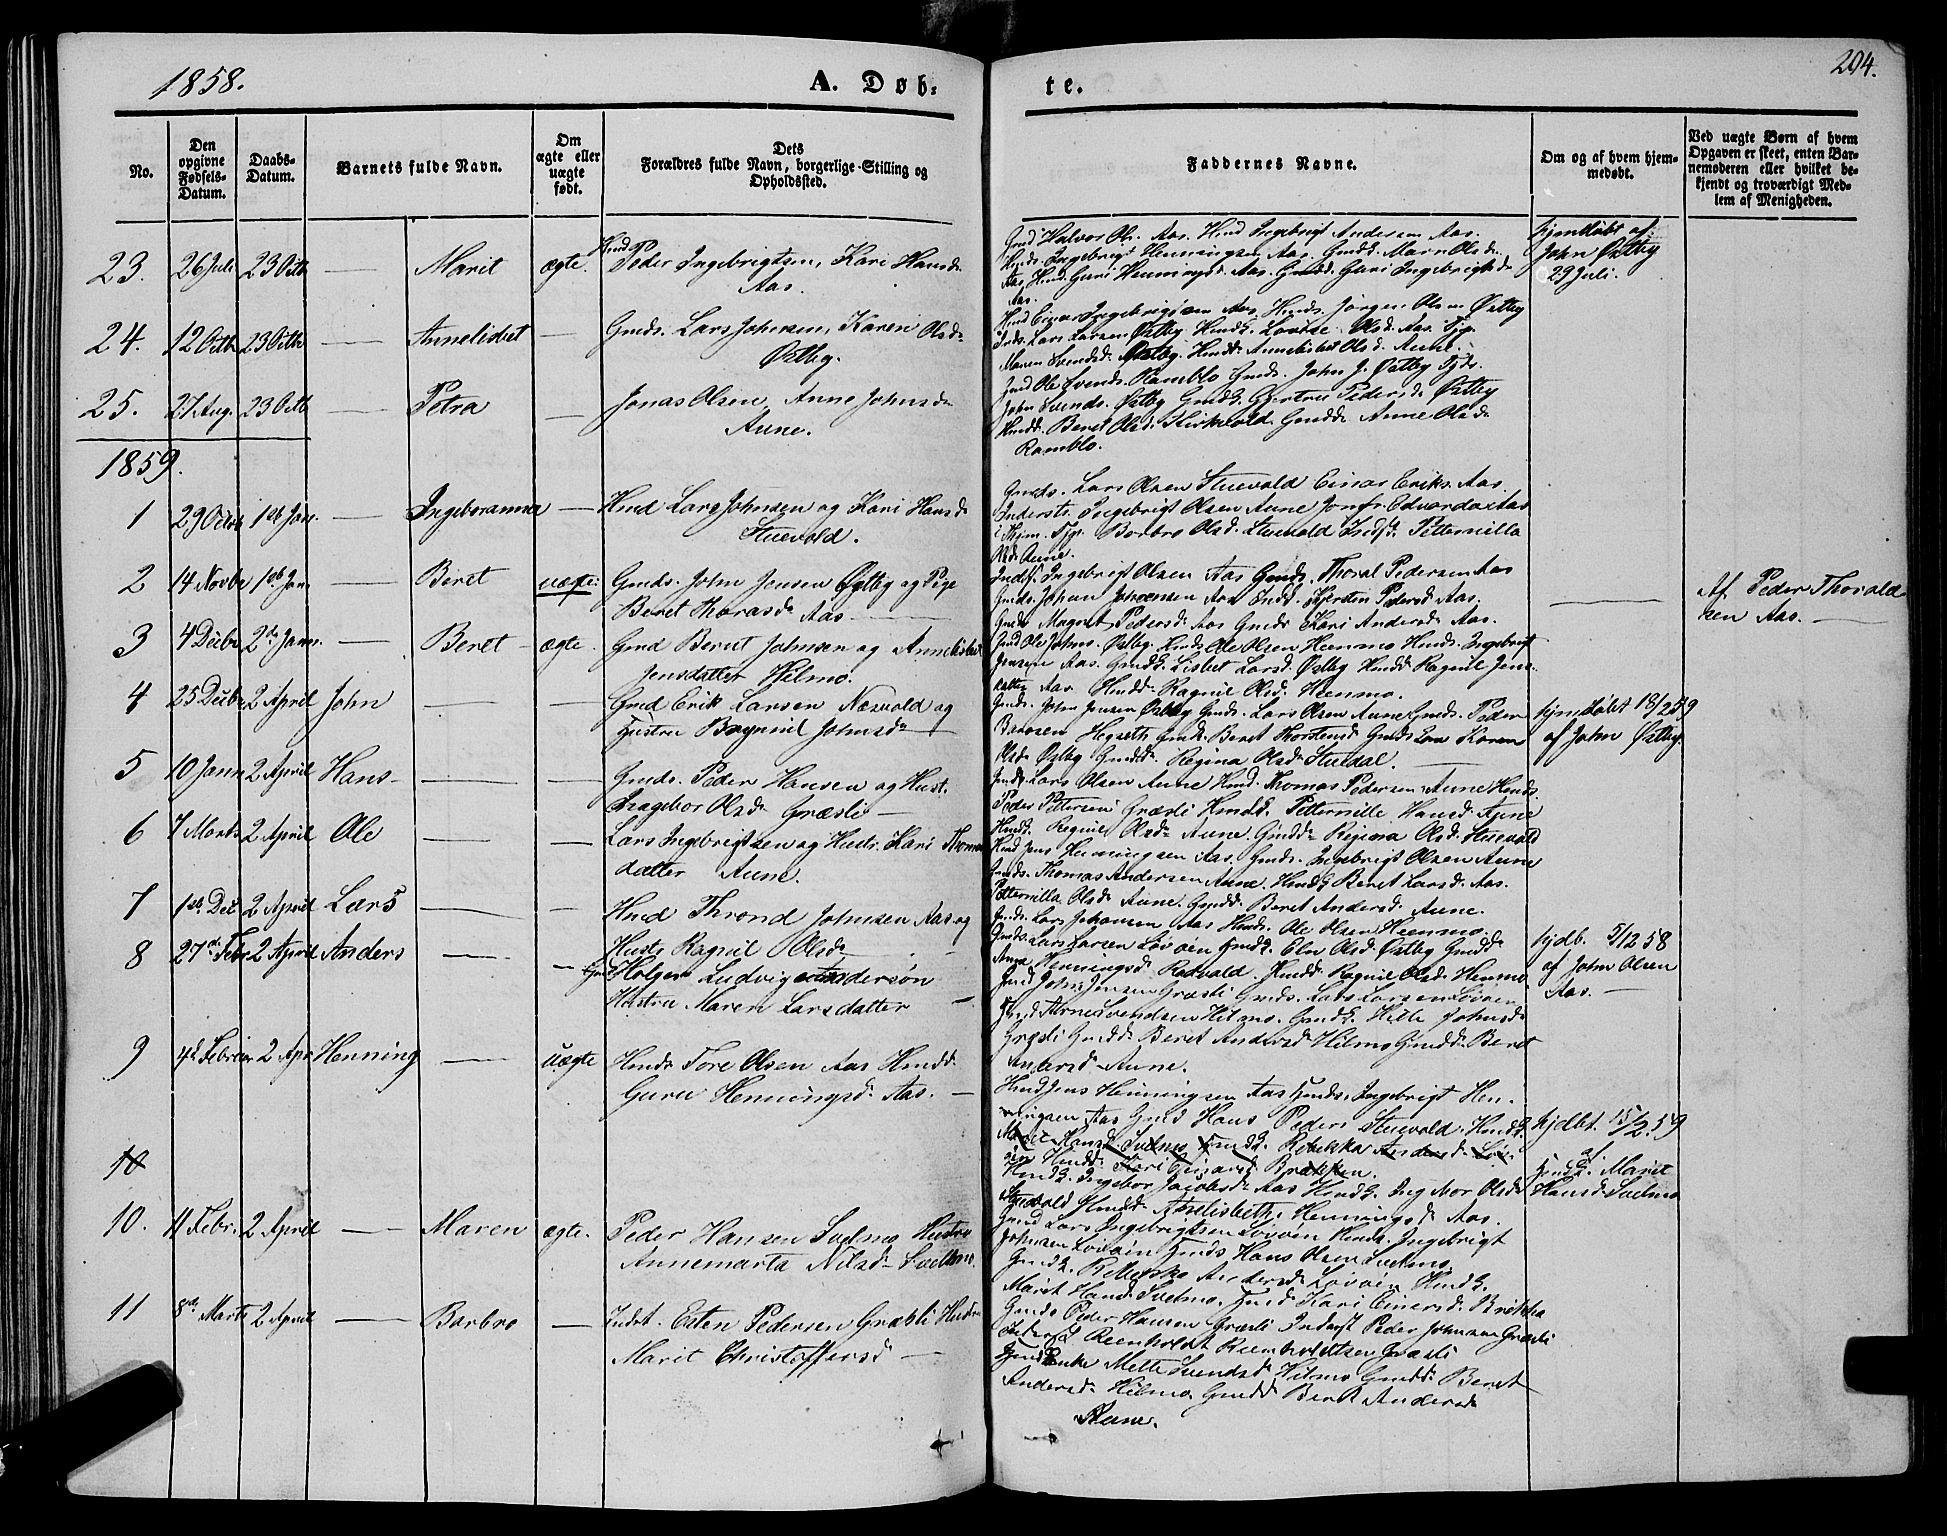 SAT, Ministerialprotokoller, klokkerbøker og fødselsregistre - Sør-Trøndelag, 695/L1146: Ministerialbok nr. 695A06 /2, 1843-1859, s. 204